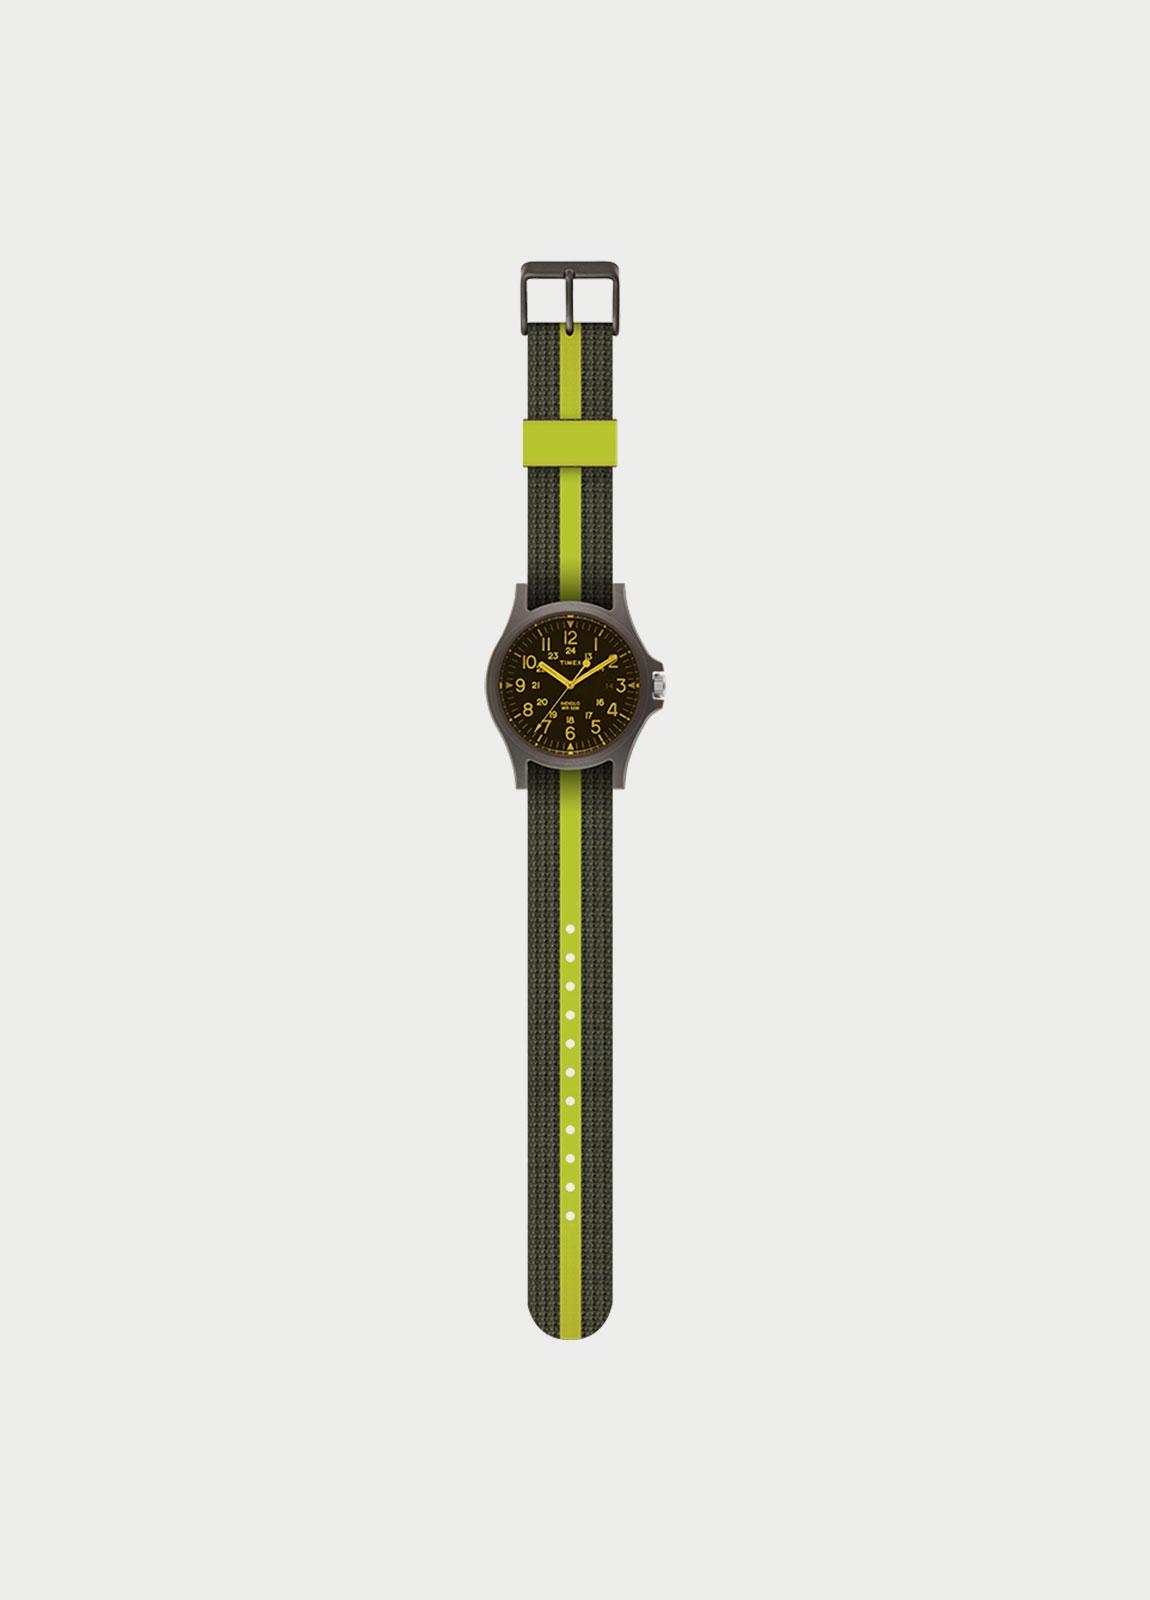 Correa Reloj TIMEX verde (la caja reloj se vende por separado)